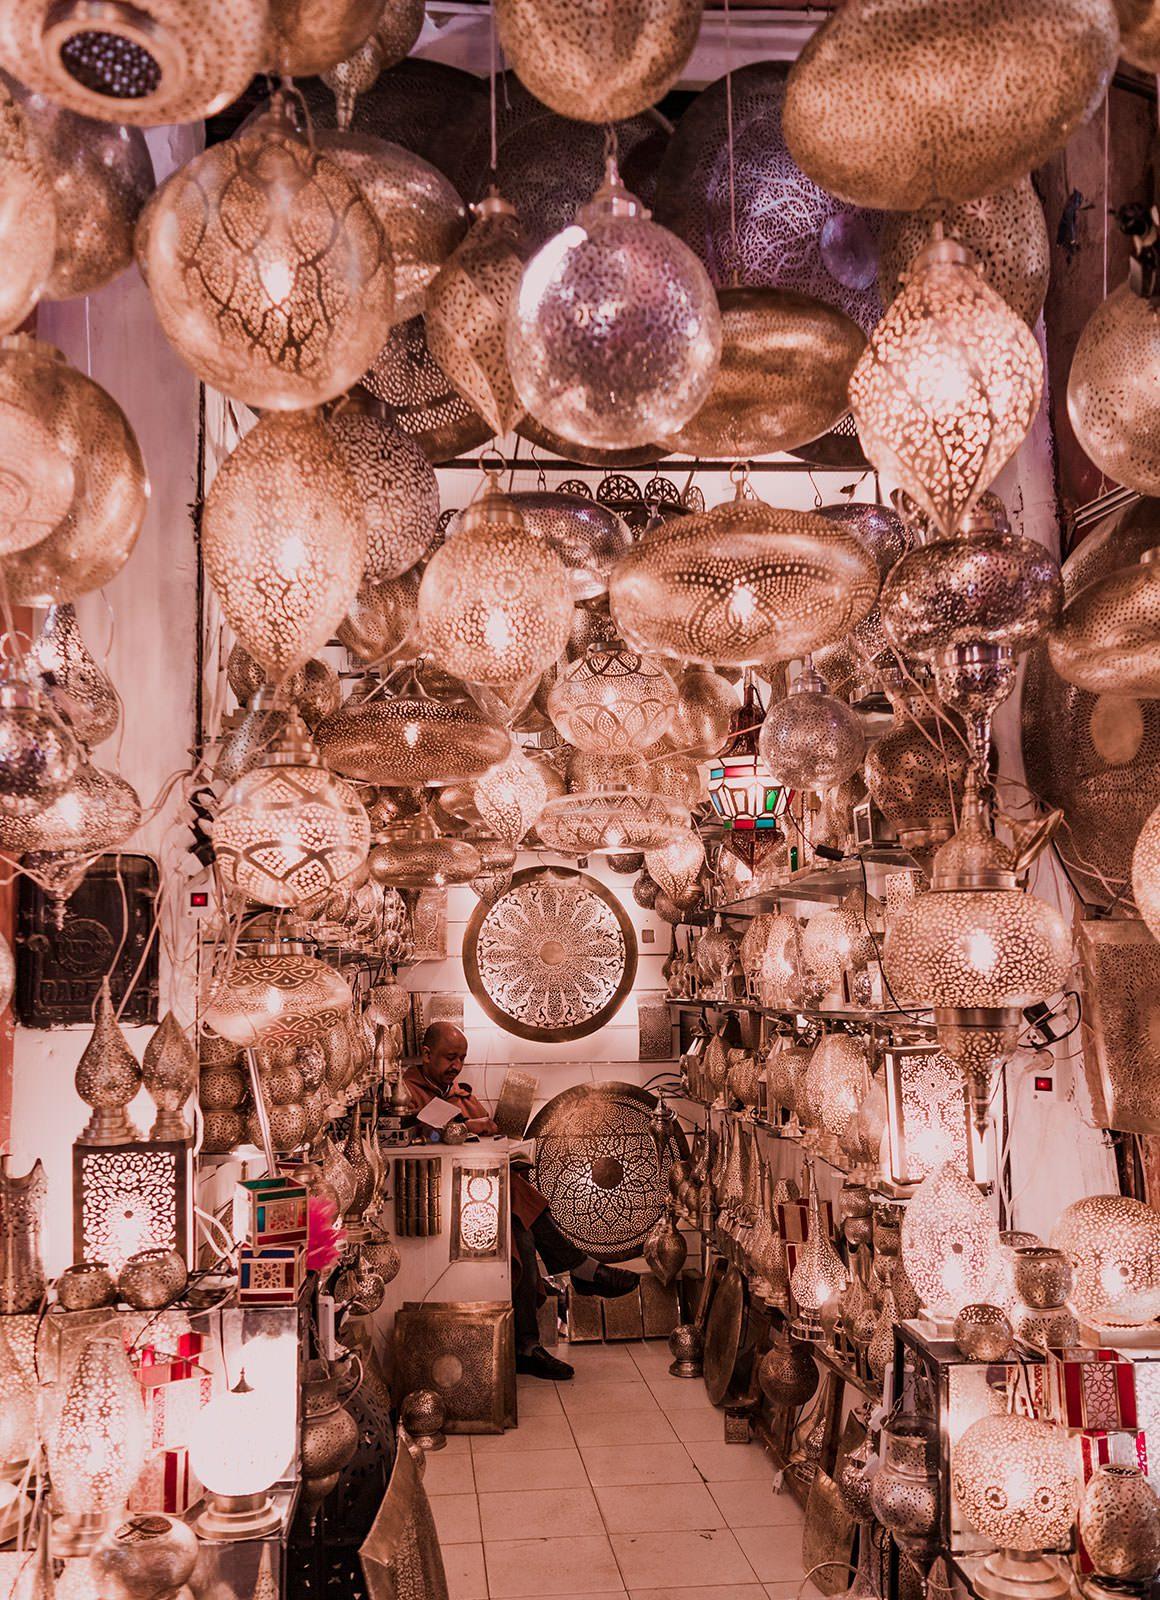 https://jaydearchives.com/wp-content/uploads/2018/03/Marrakech-2-44.jpg